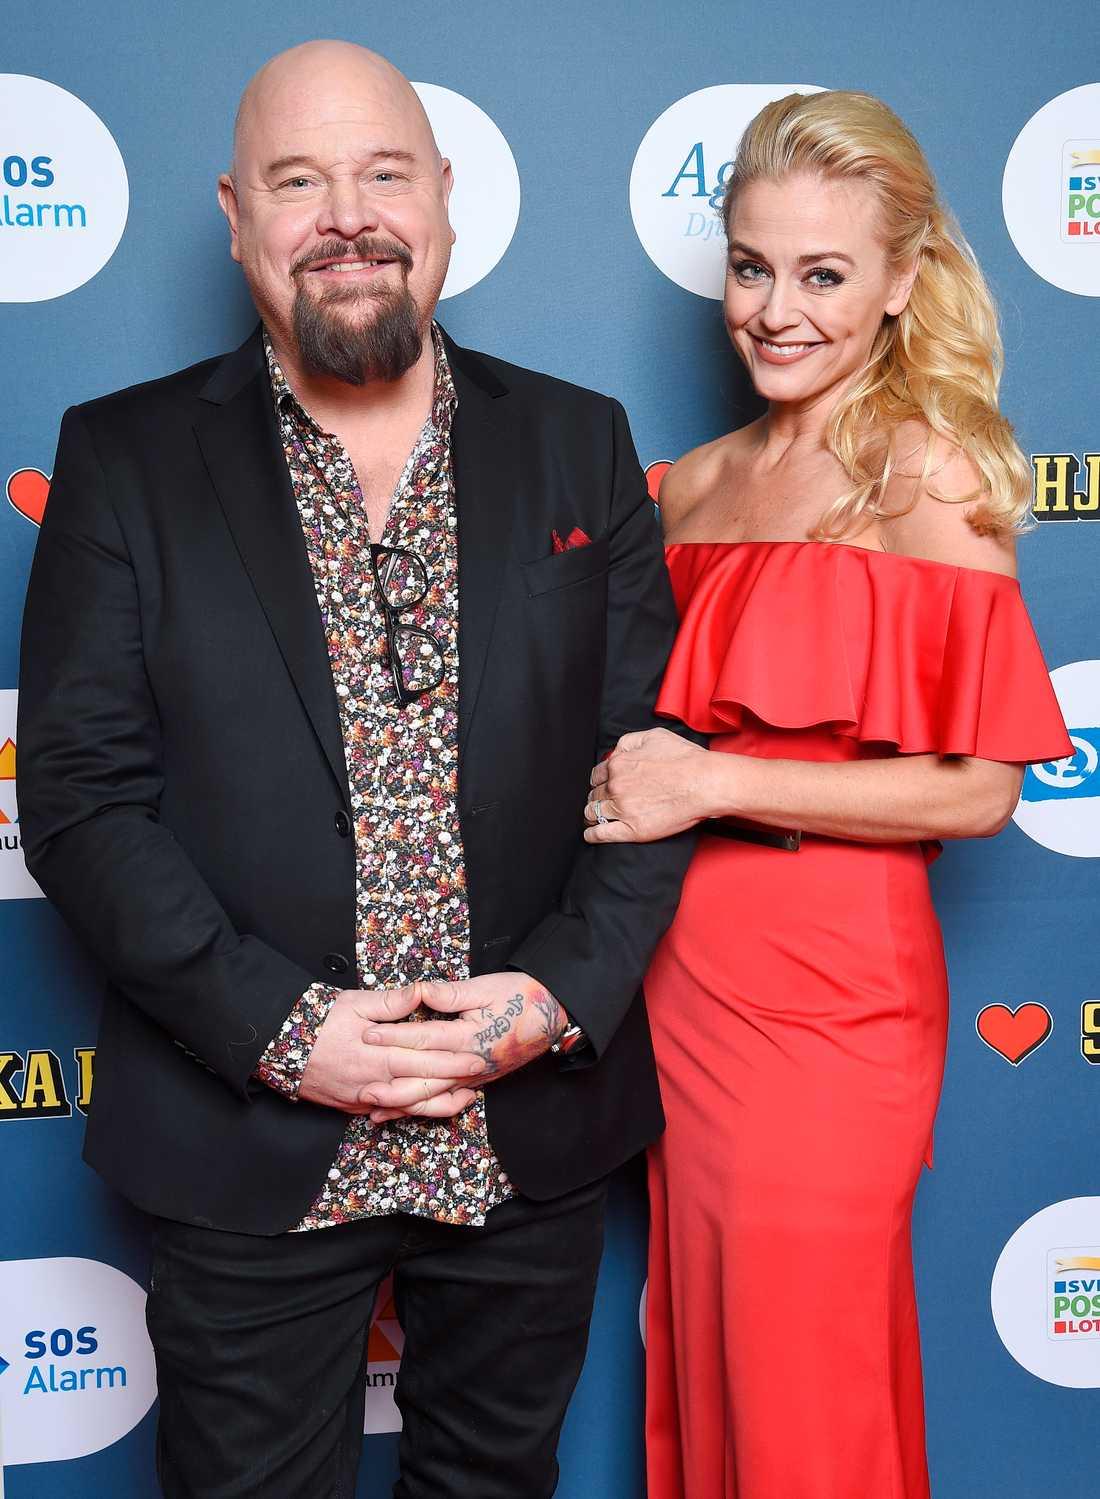 Anders Bagge är en av Svenska Hjältars jurymedlemmar. Här med sambon Johanna Lind.